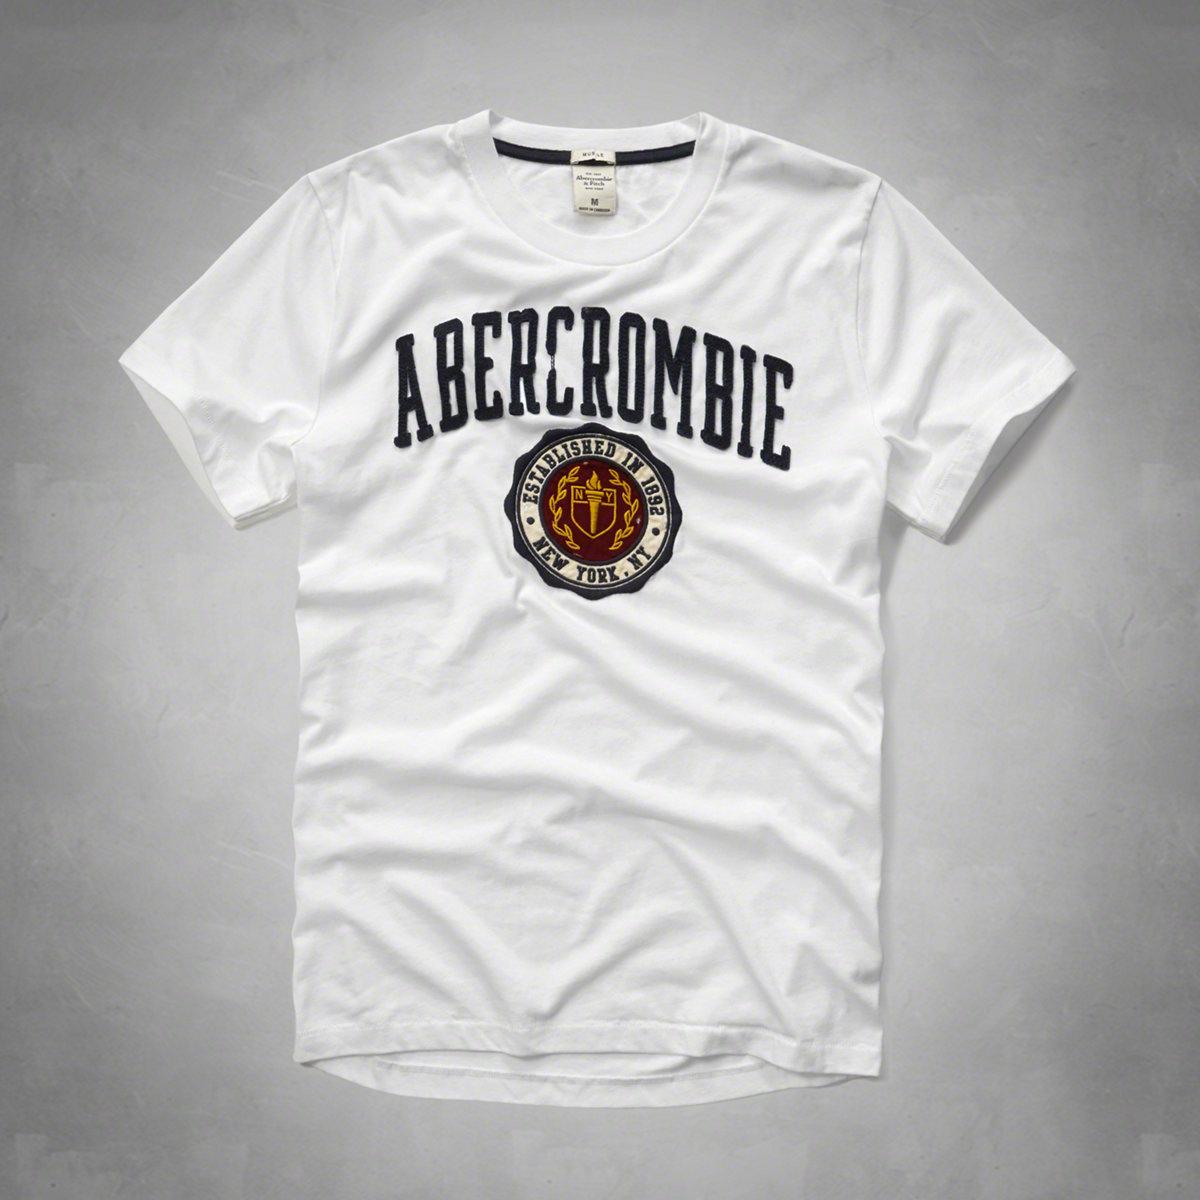 美國百分百【Abercrombie & Fitch】T恤 AF 短袖 T-shirt 麋鹿 徽章 白色 特價 S M L XL號 F598